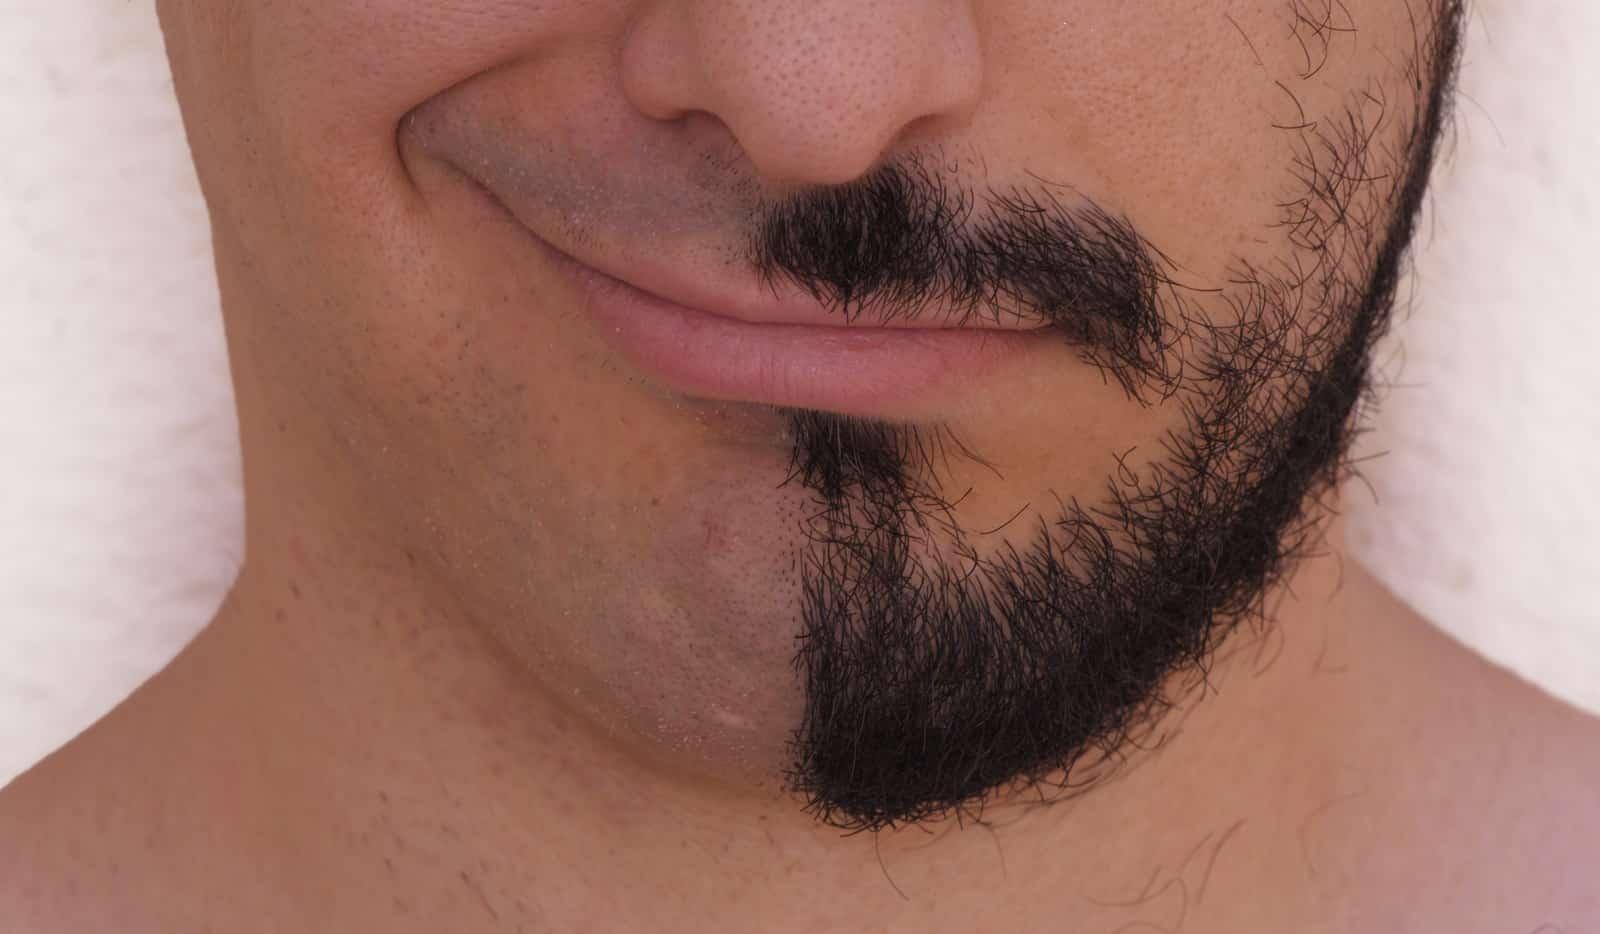 Kein Bartwuchs - Linke Gesichtshälfte